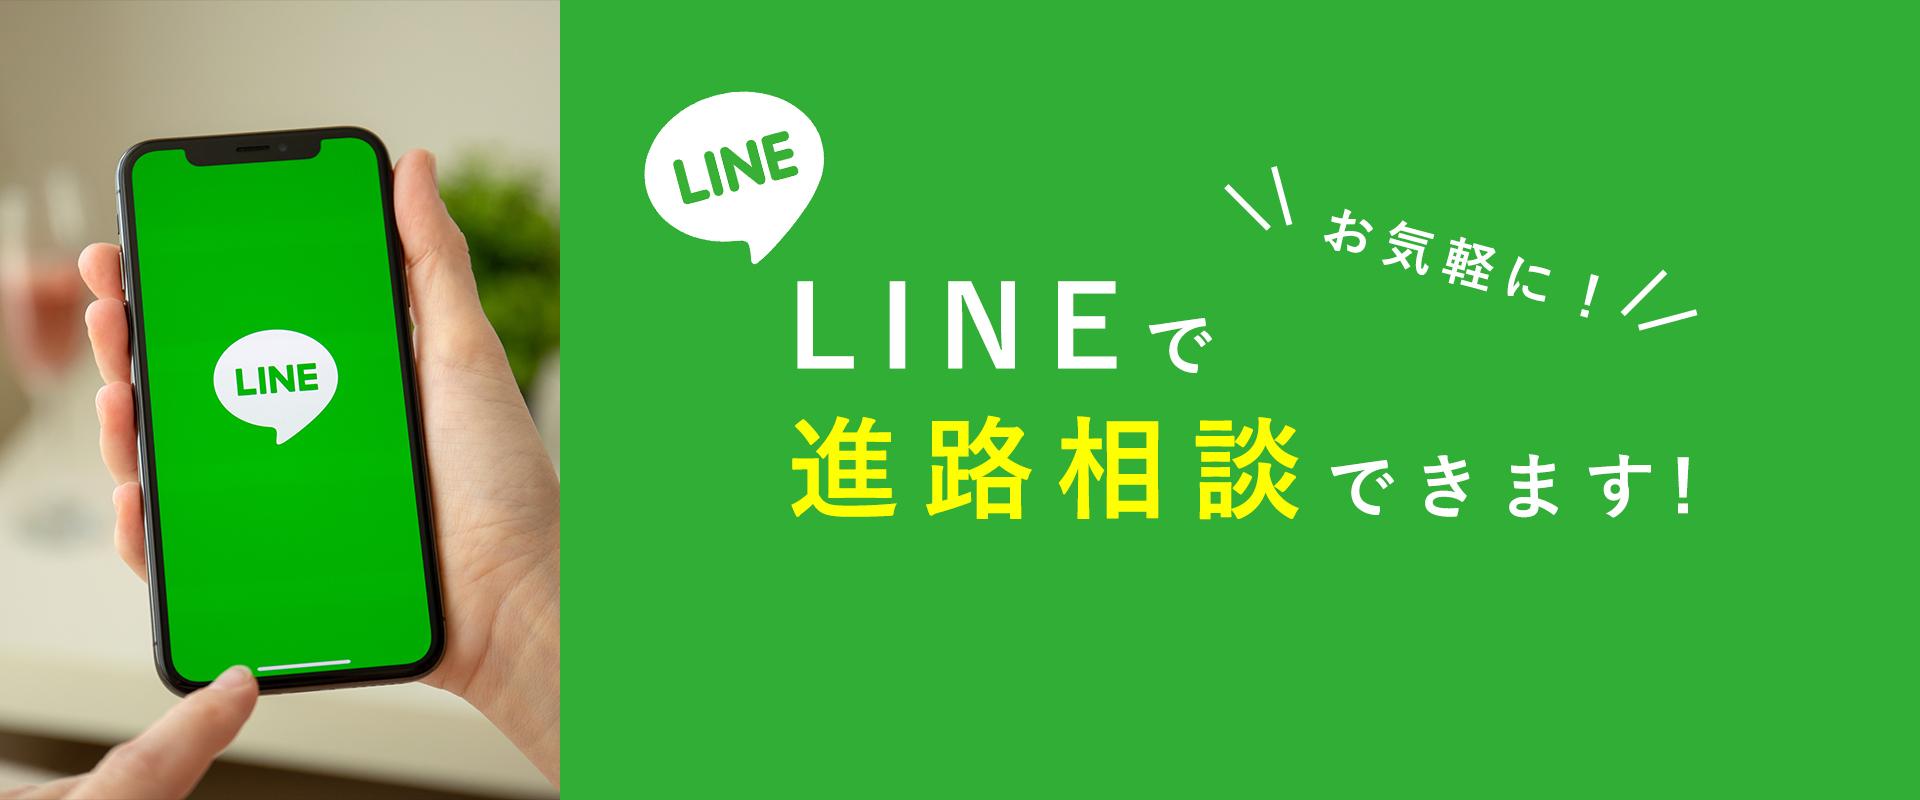 LINEで進路相談